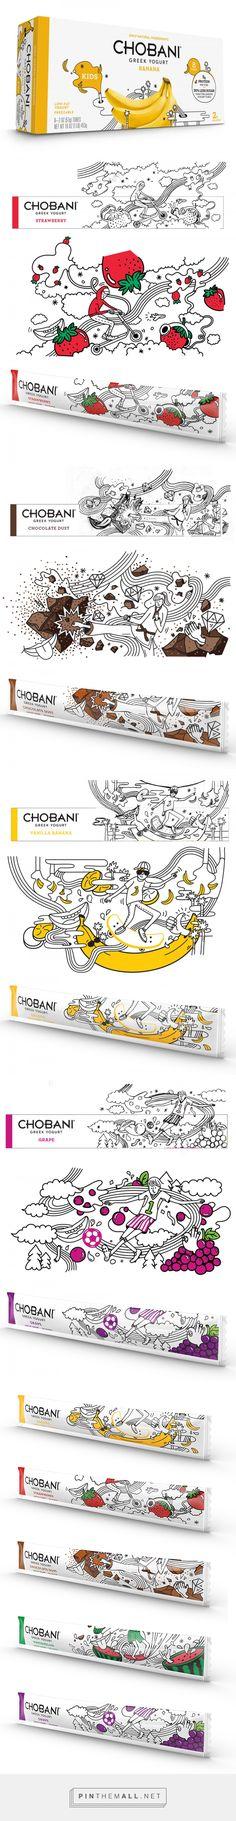 Chobani Yogurt Kids — The Dieline - Branding & Packaging